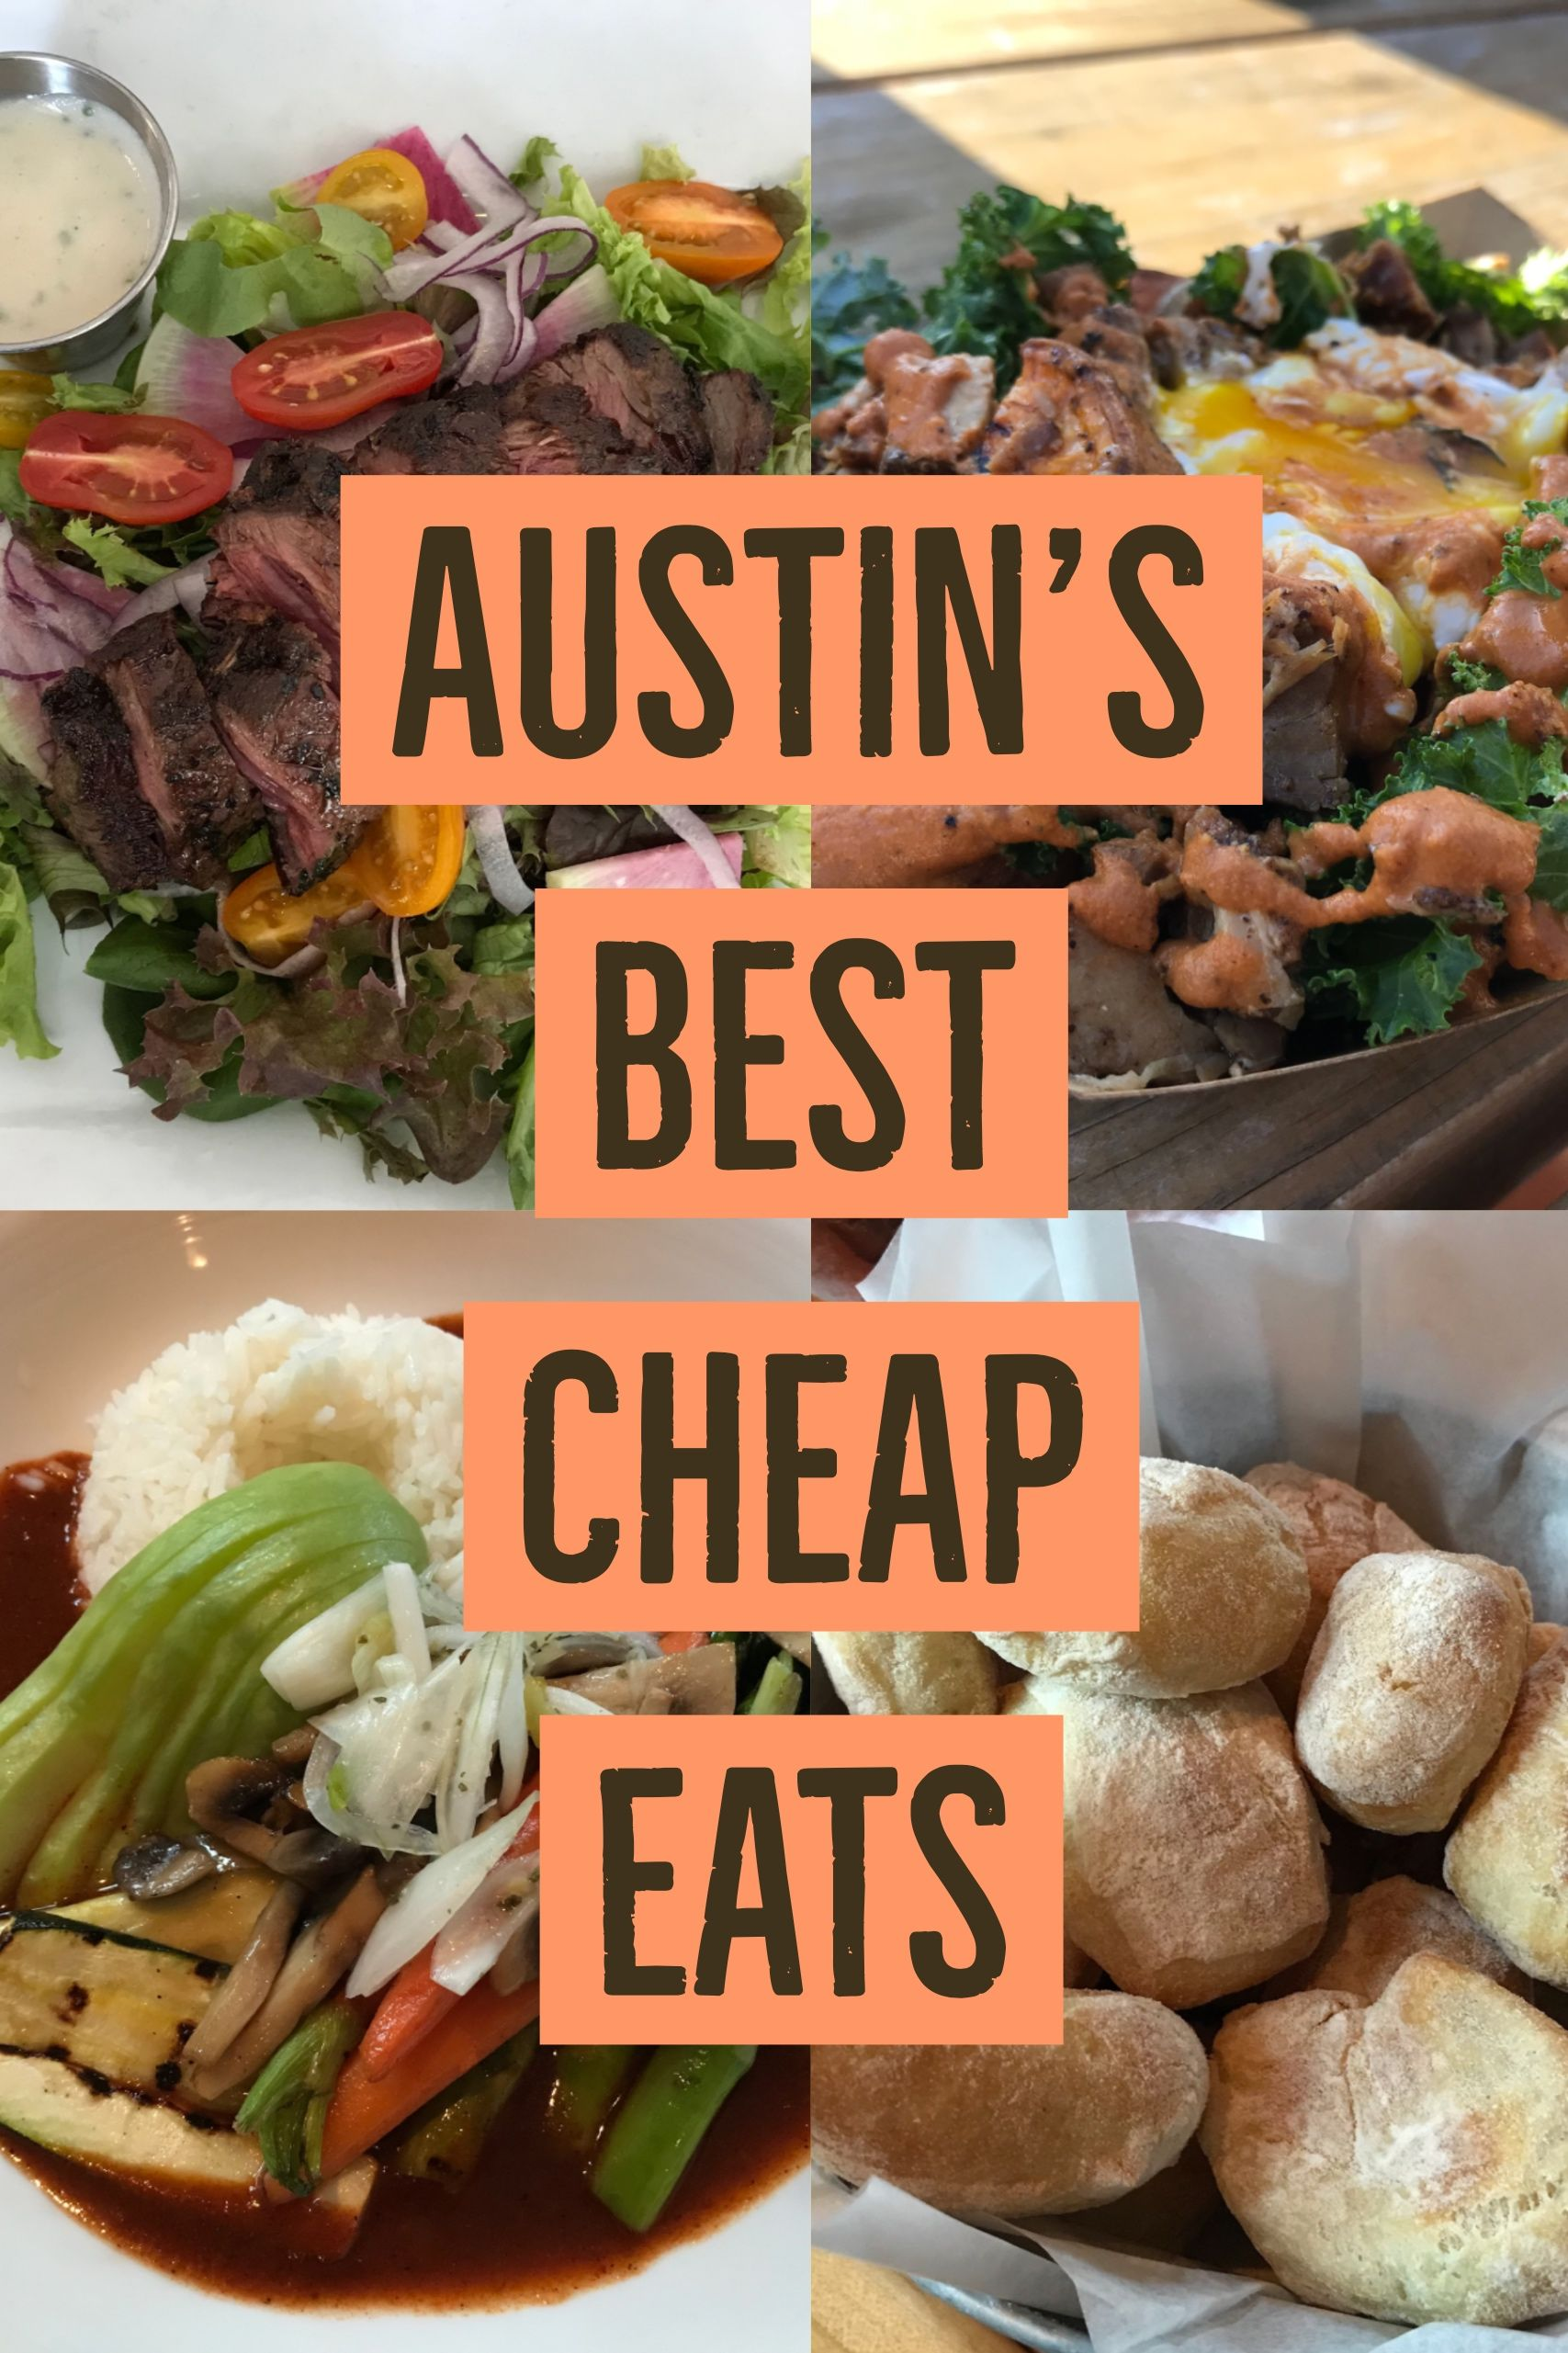 Austin S Best Vegan Eats Dolby Travels Cheap Eats Honeymoon On A Budget Eat